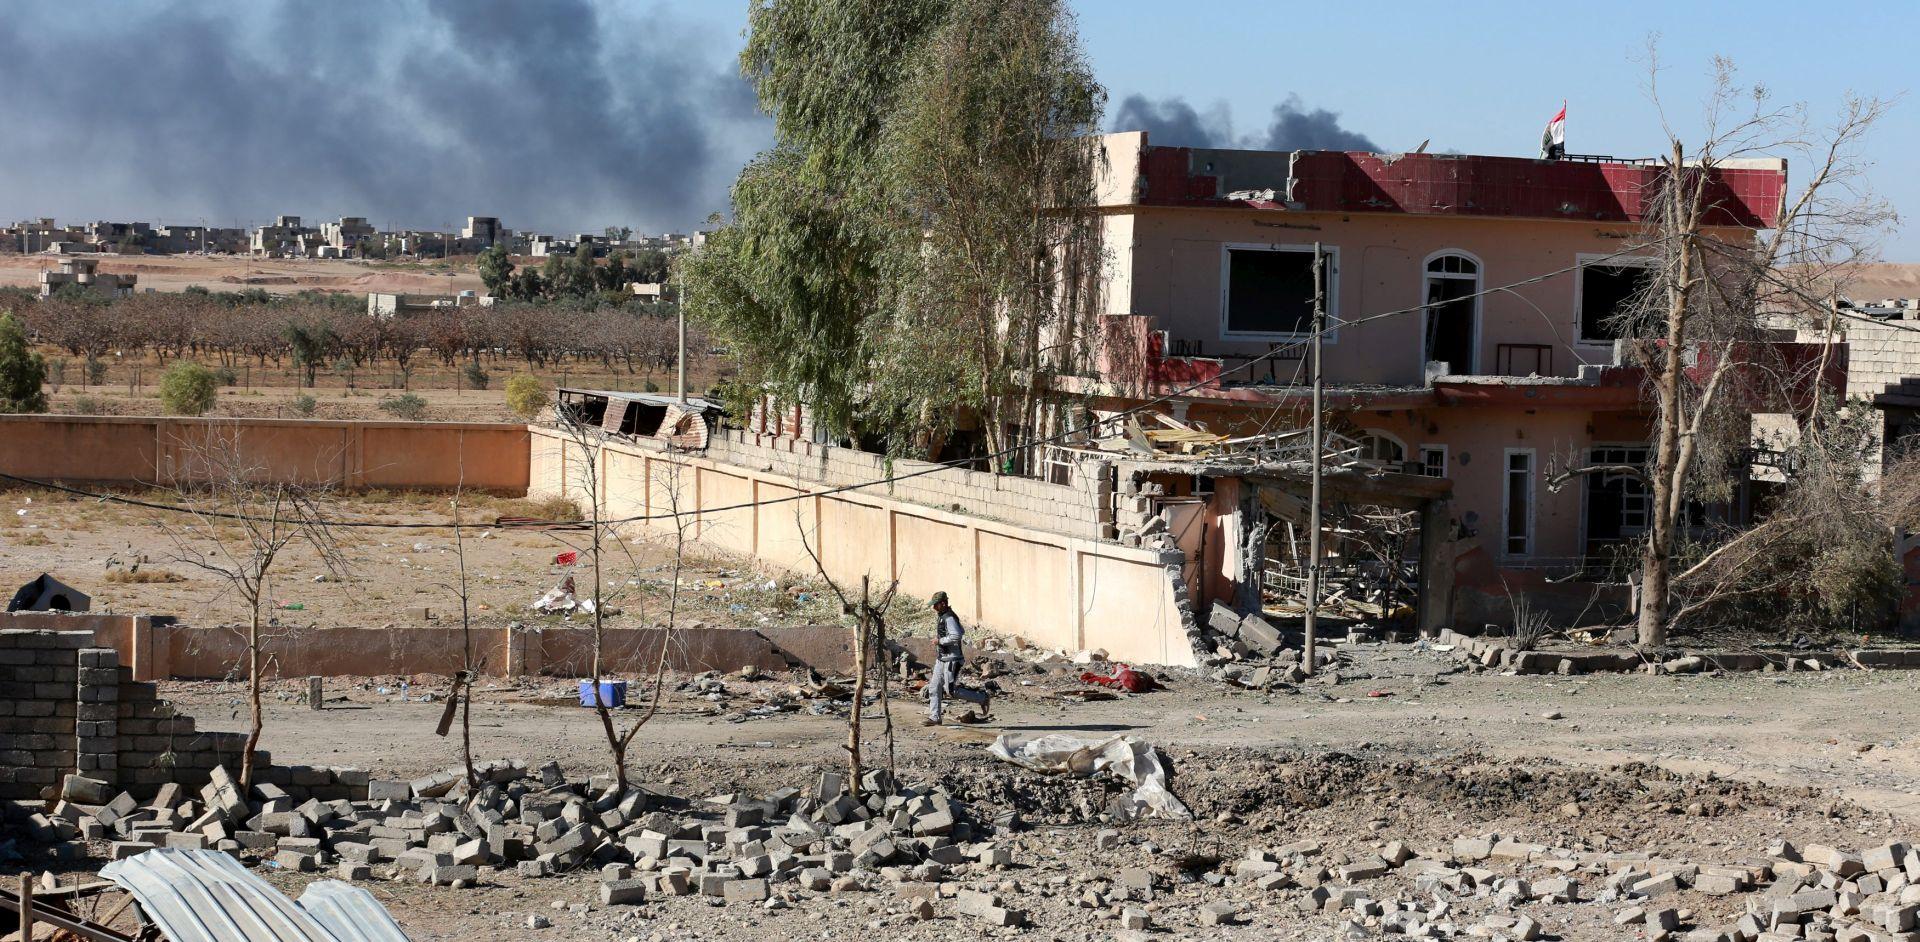 IRAK Zračni napadi na grad al-Qaim, izvješća o više od 60 mrtvih